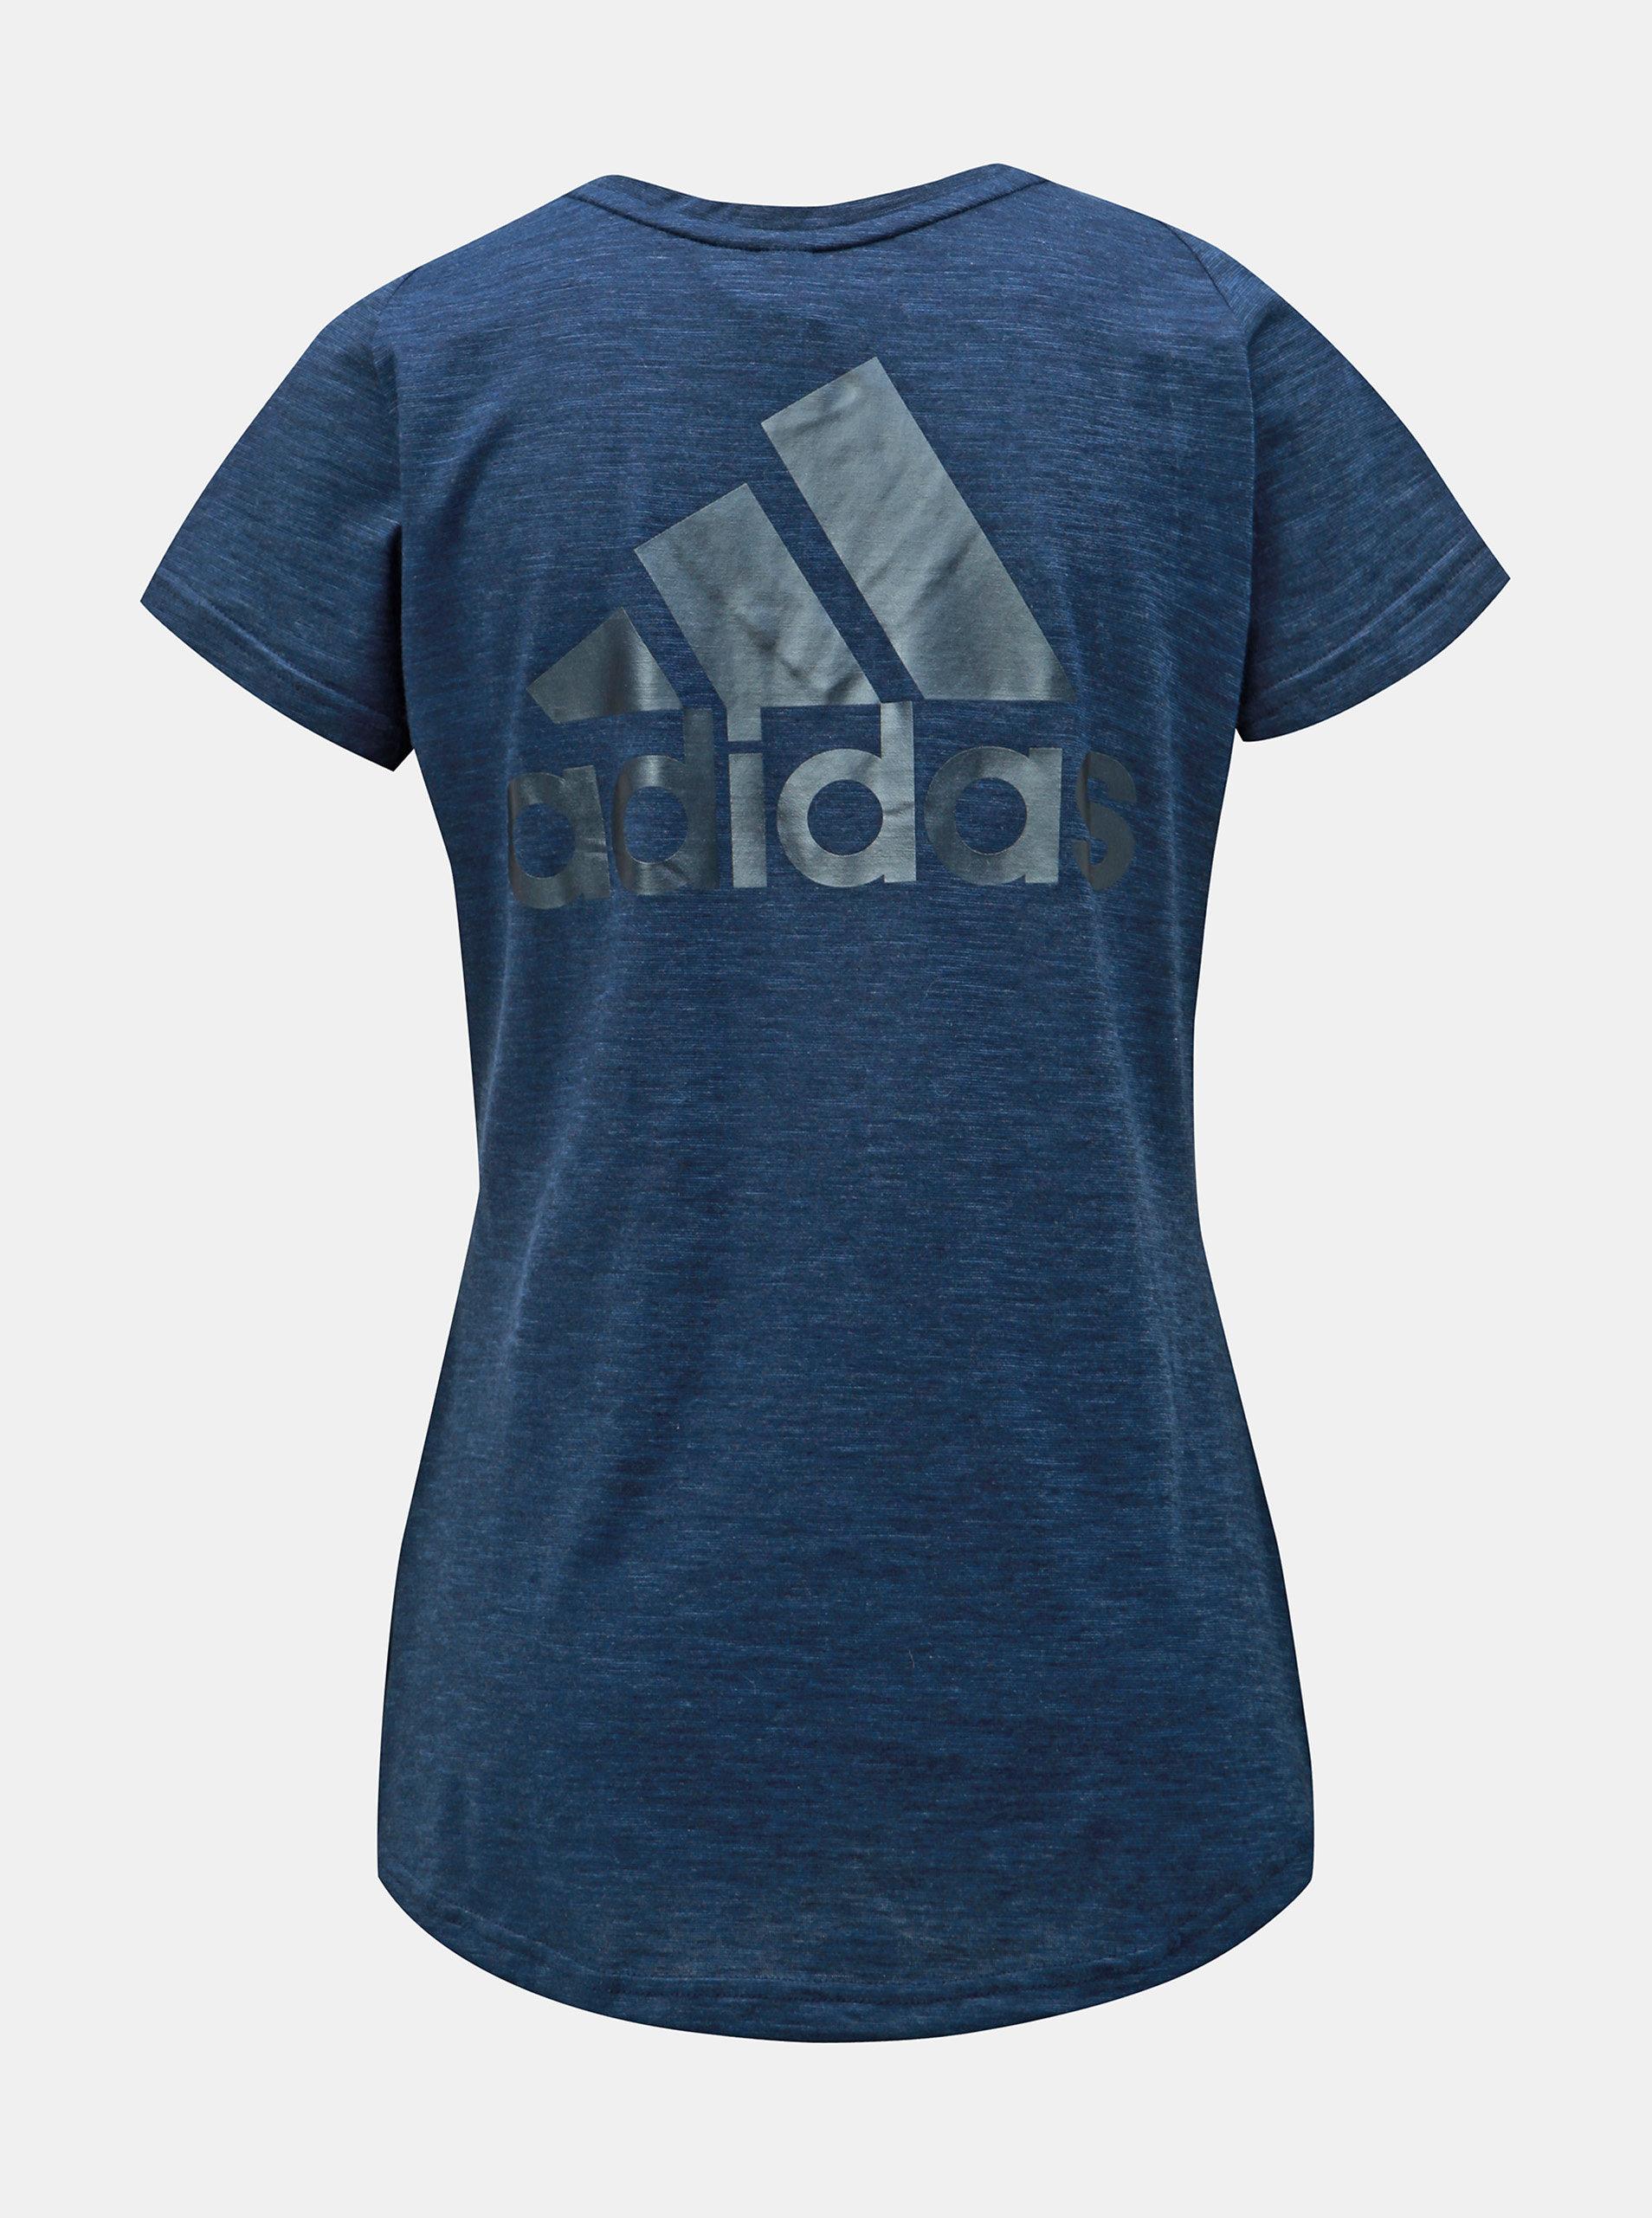 93d8cdac9988 Tmavomodré dámske melírované tričko s potlačou adidas Performance Winners  ...